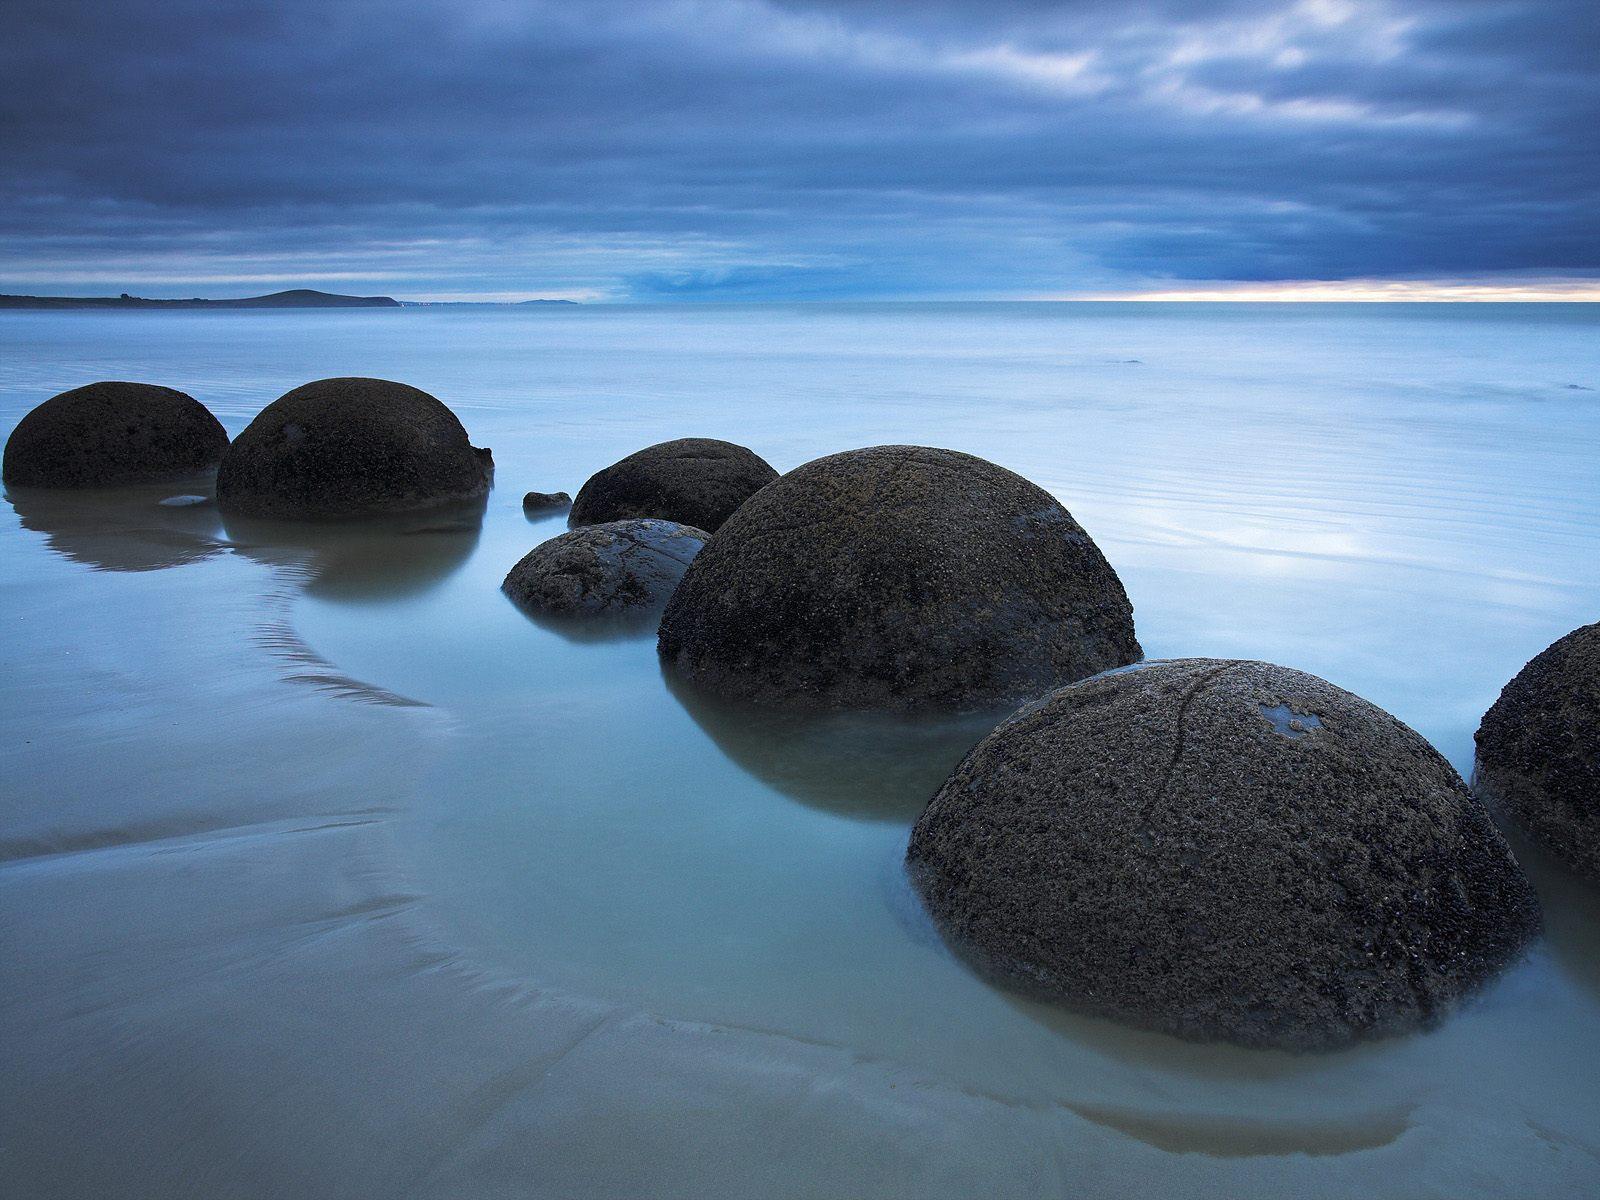 Картинка круглые камни на камнях